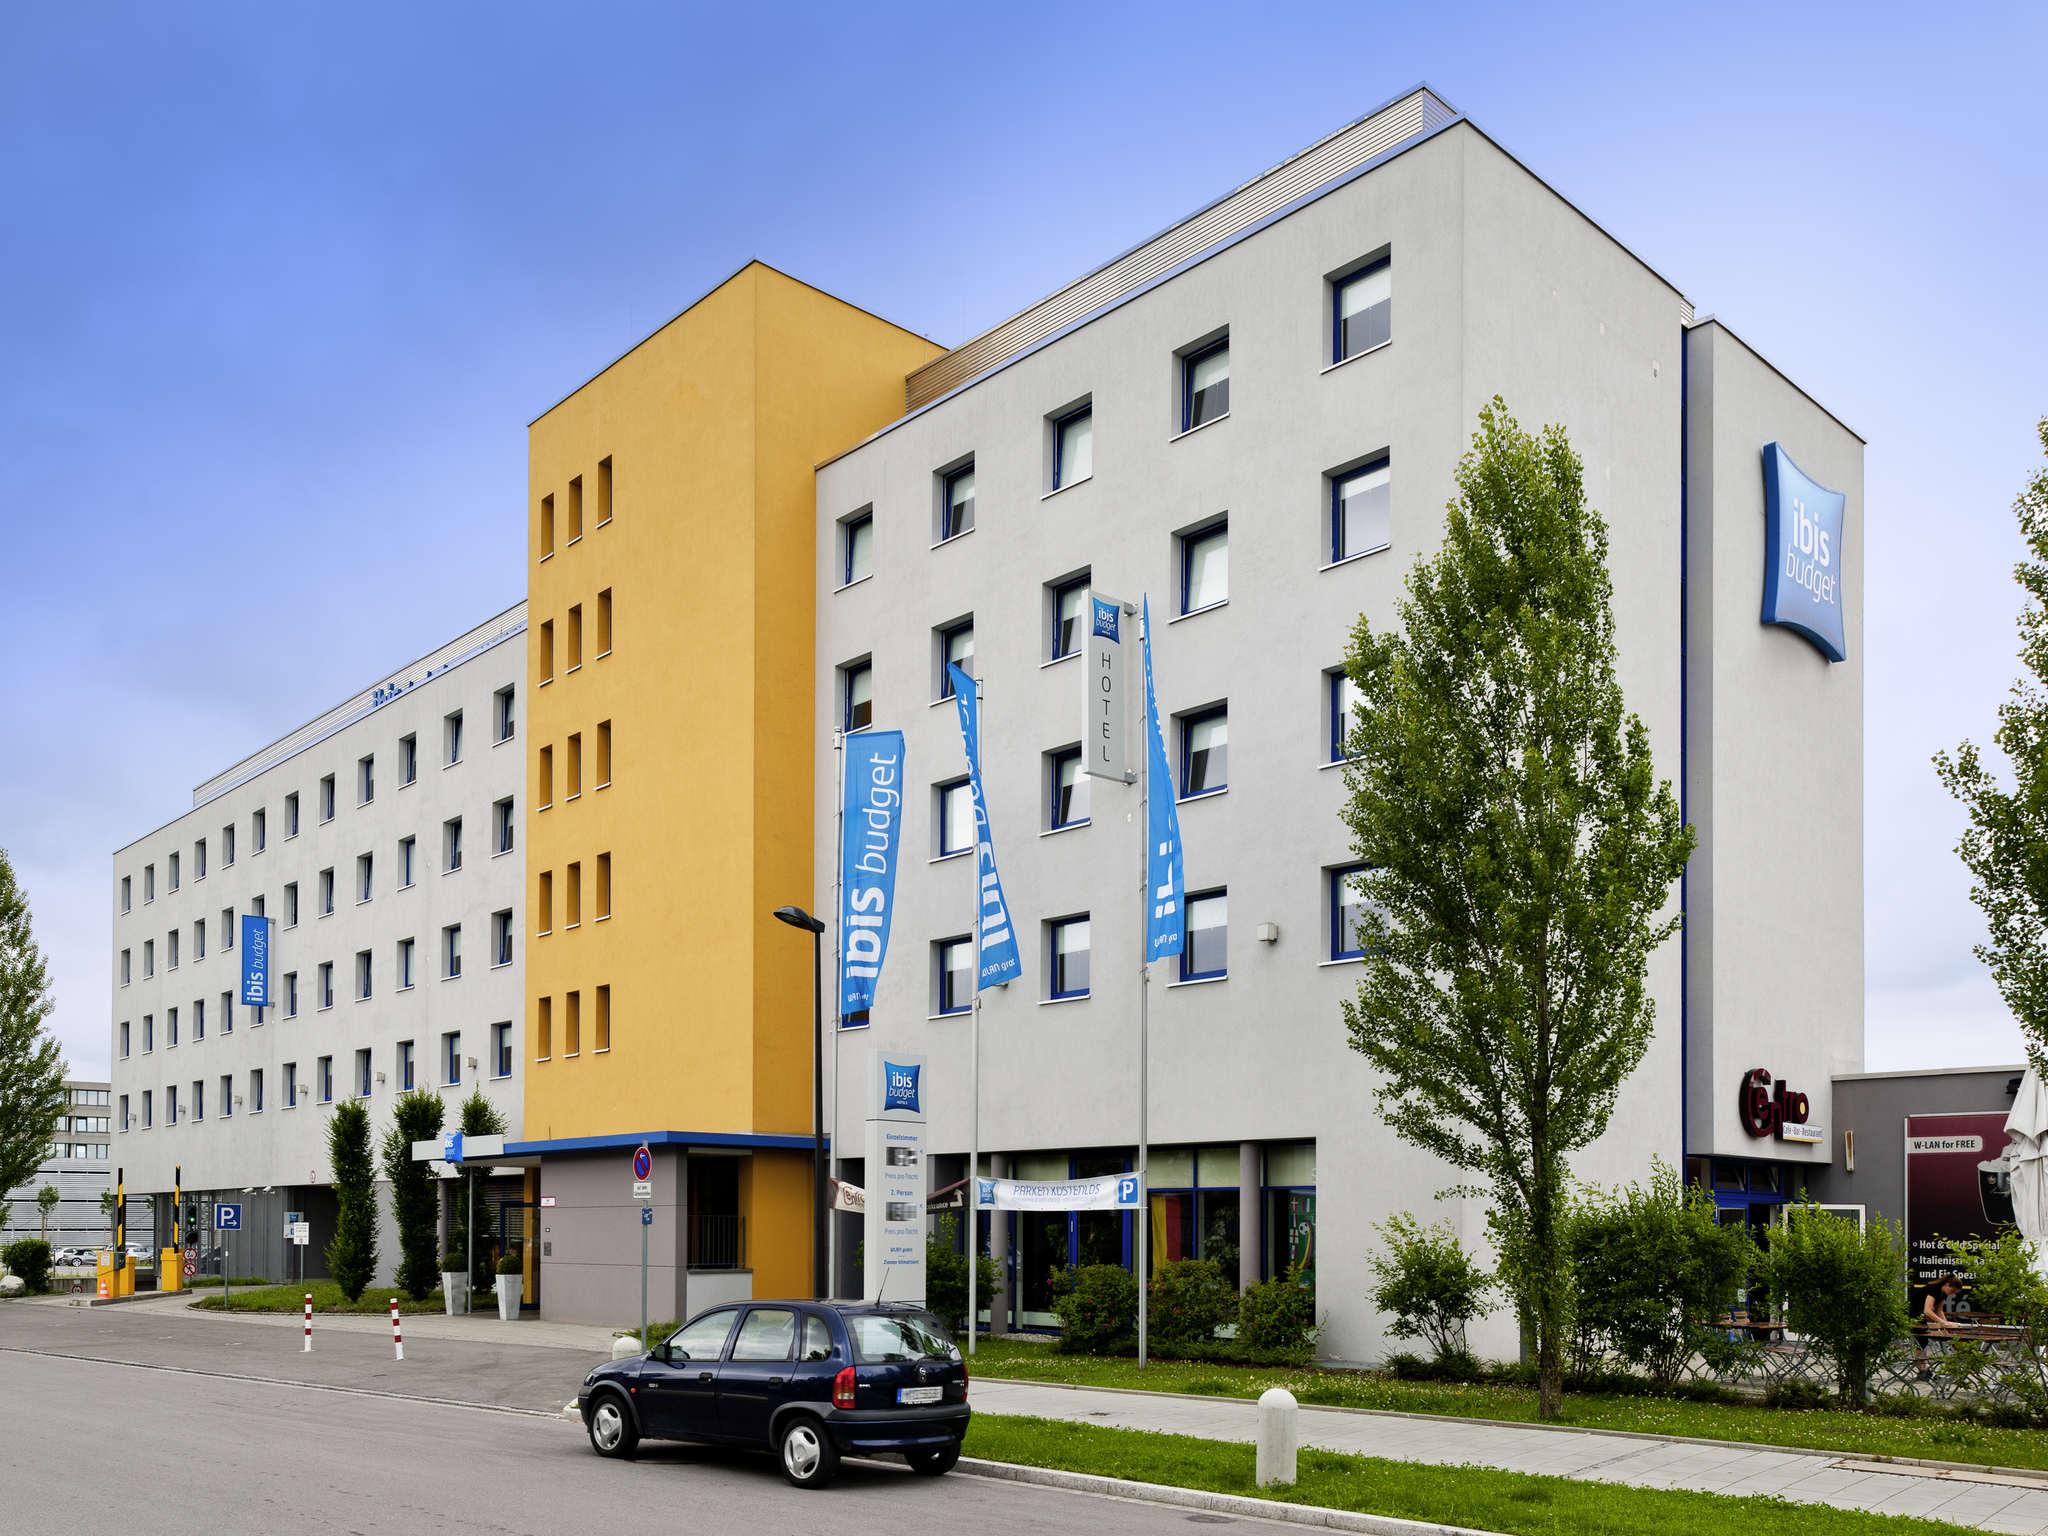 酒店 – 艾塔普慕尼黑东部会展中心酒店